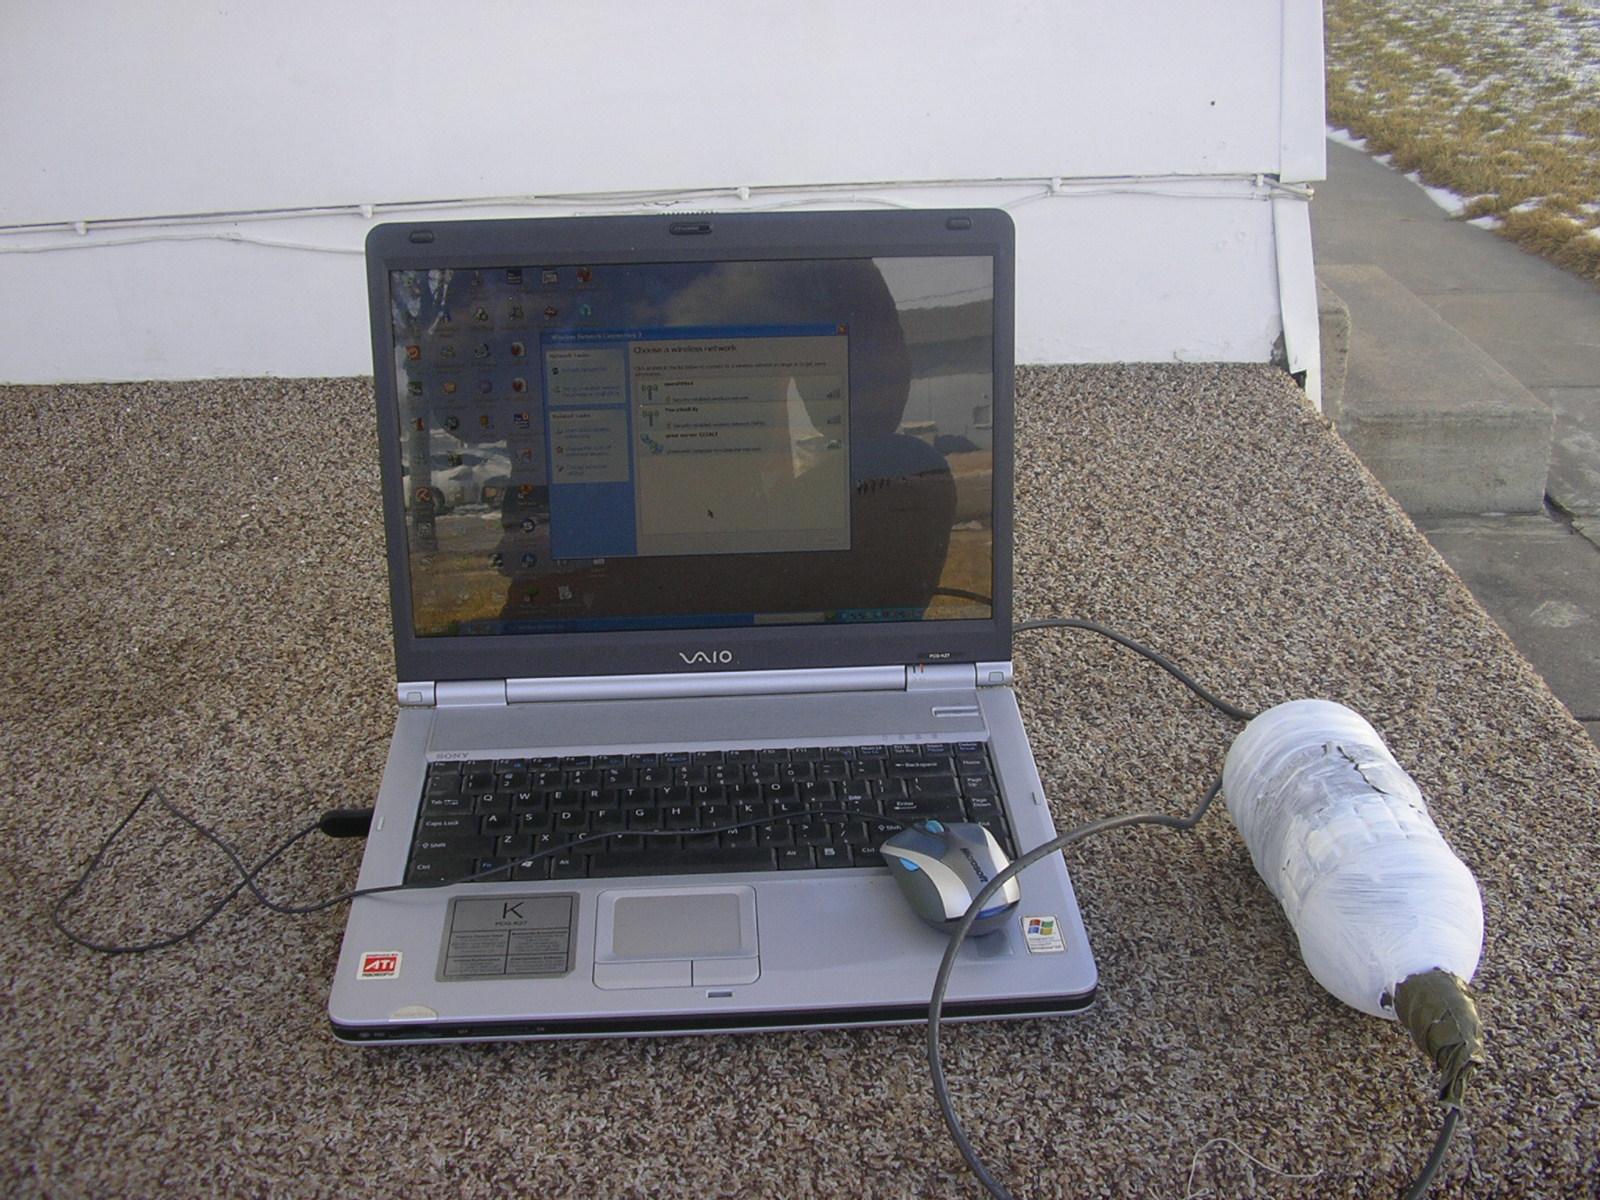 Weatherized Wireless Network Adapter using a water bottle